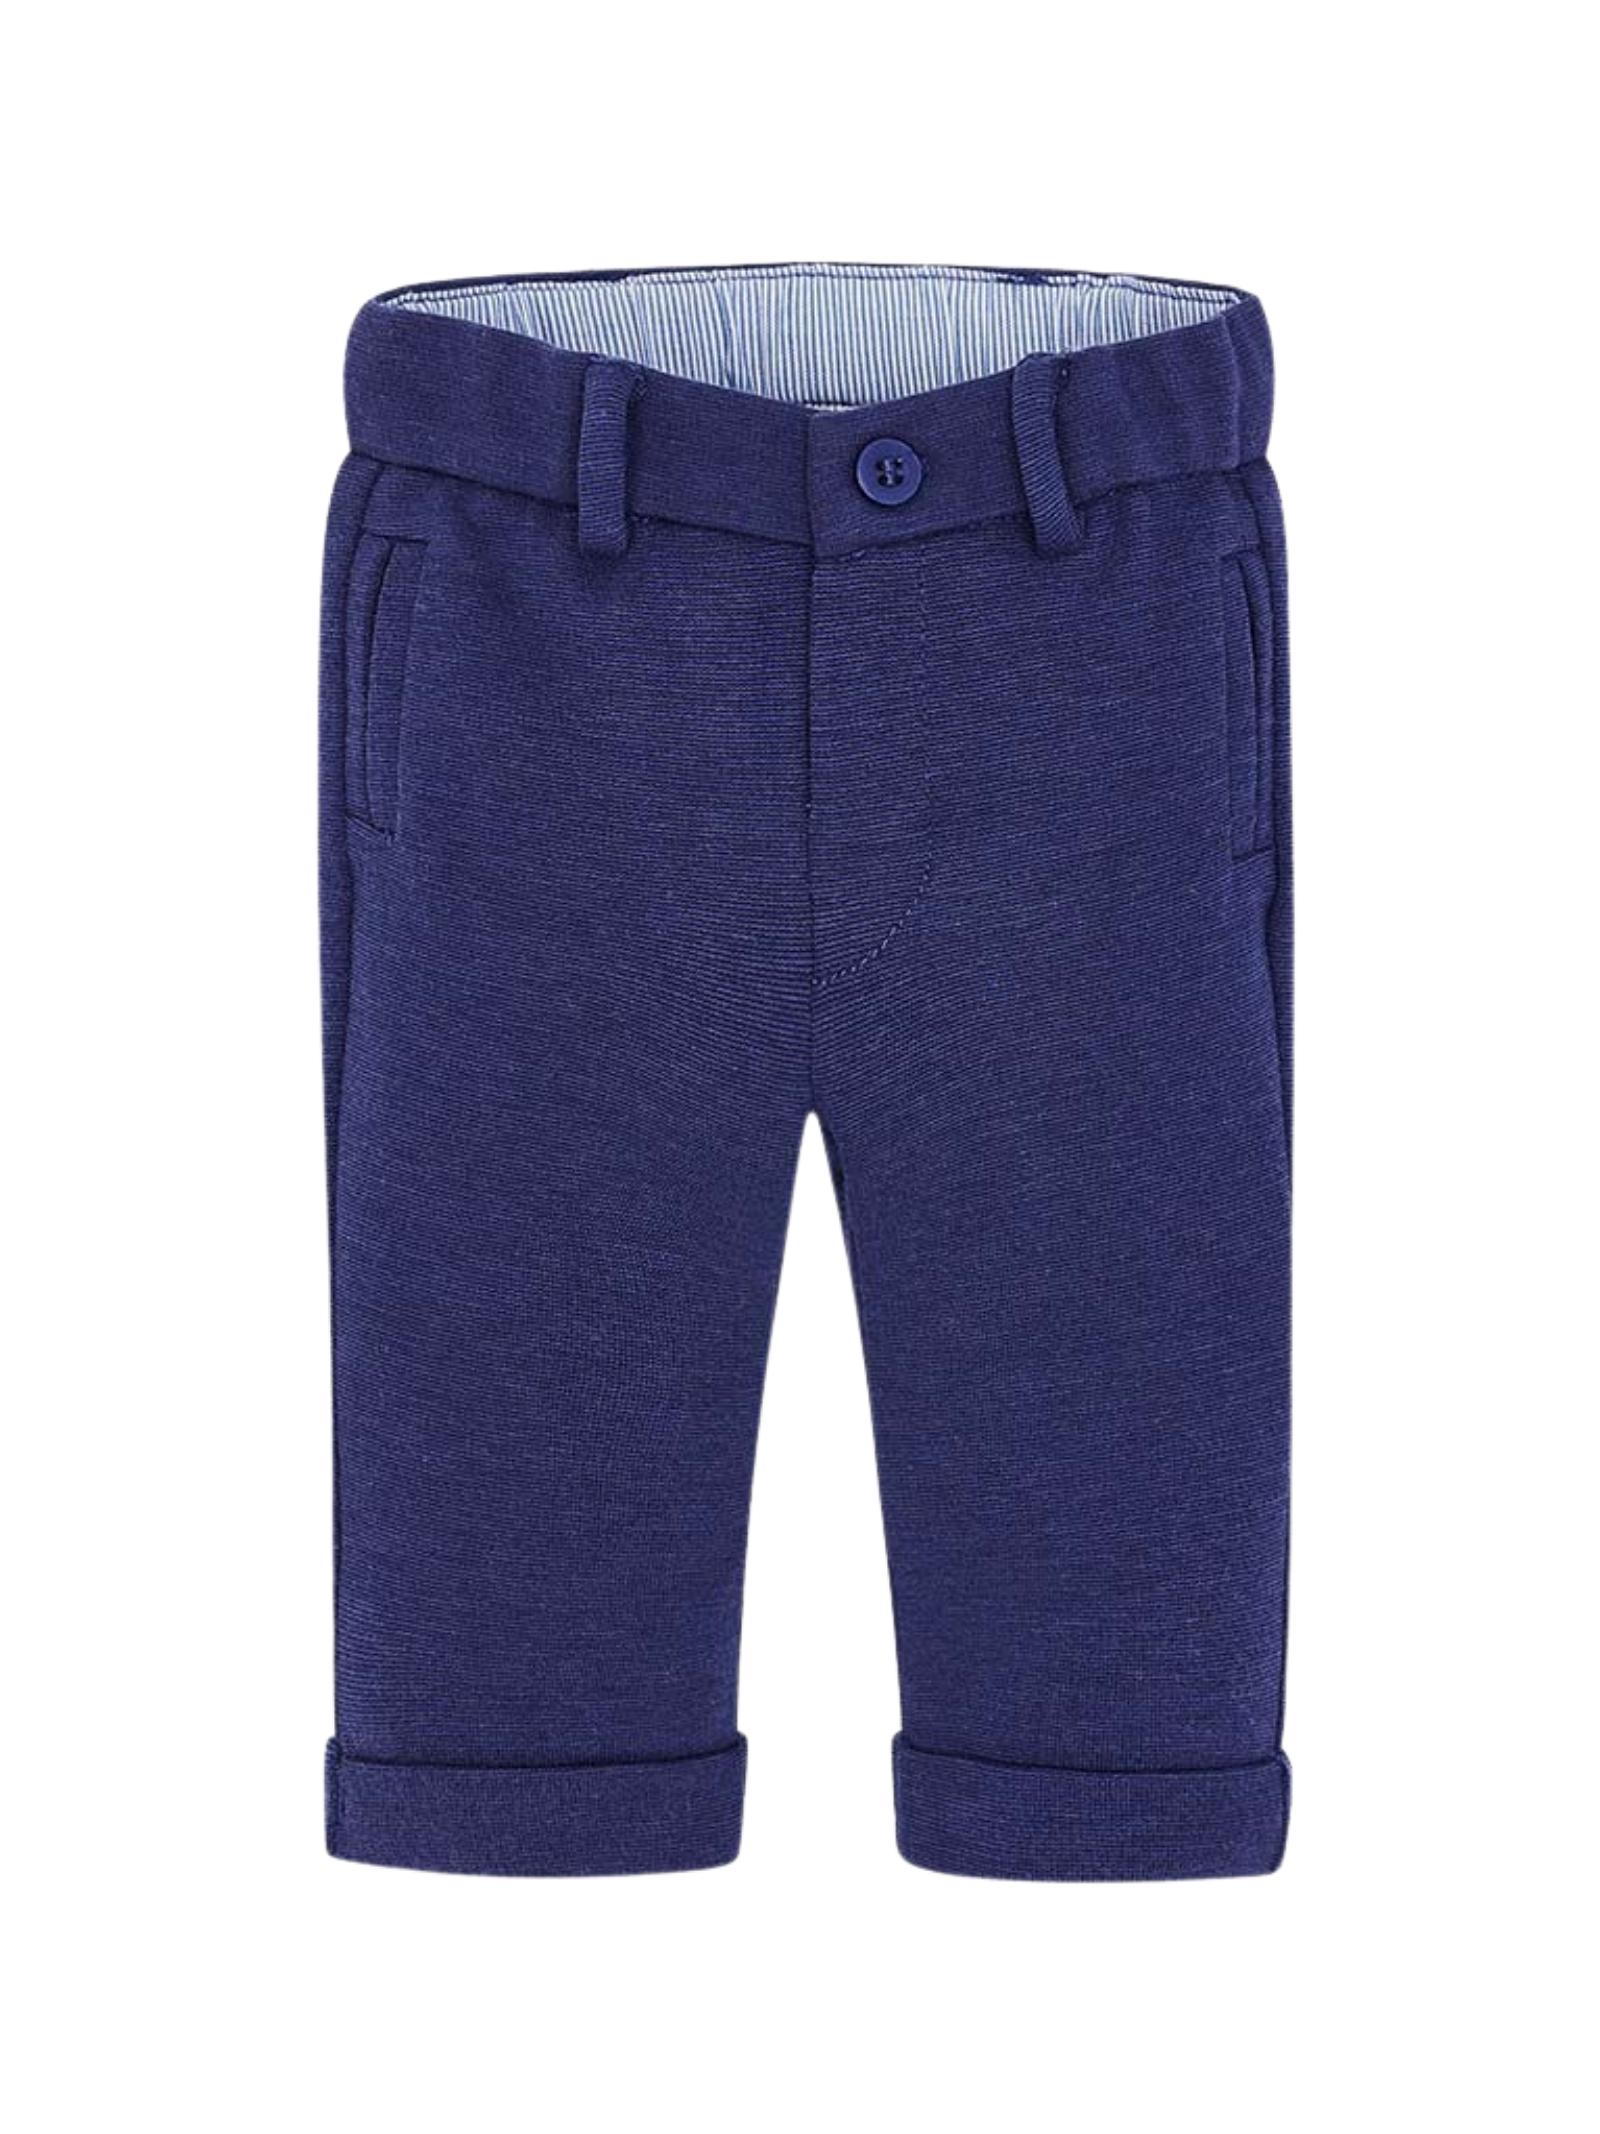 Pantalone Basic Neonato MAYORAL NEWBORN | Pantaloni | 1511033